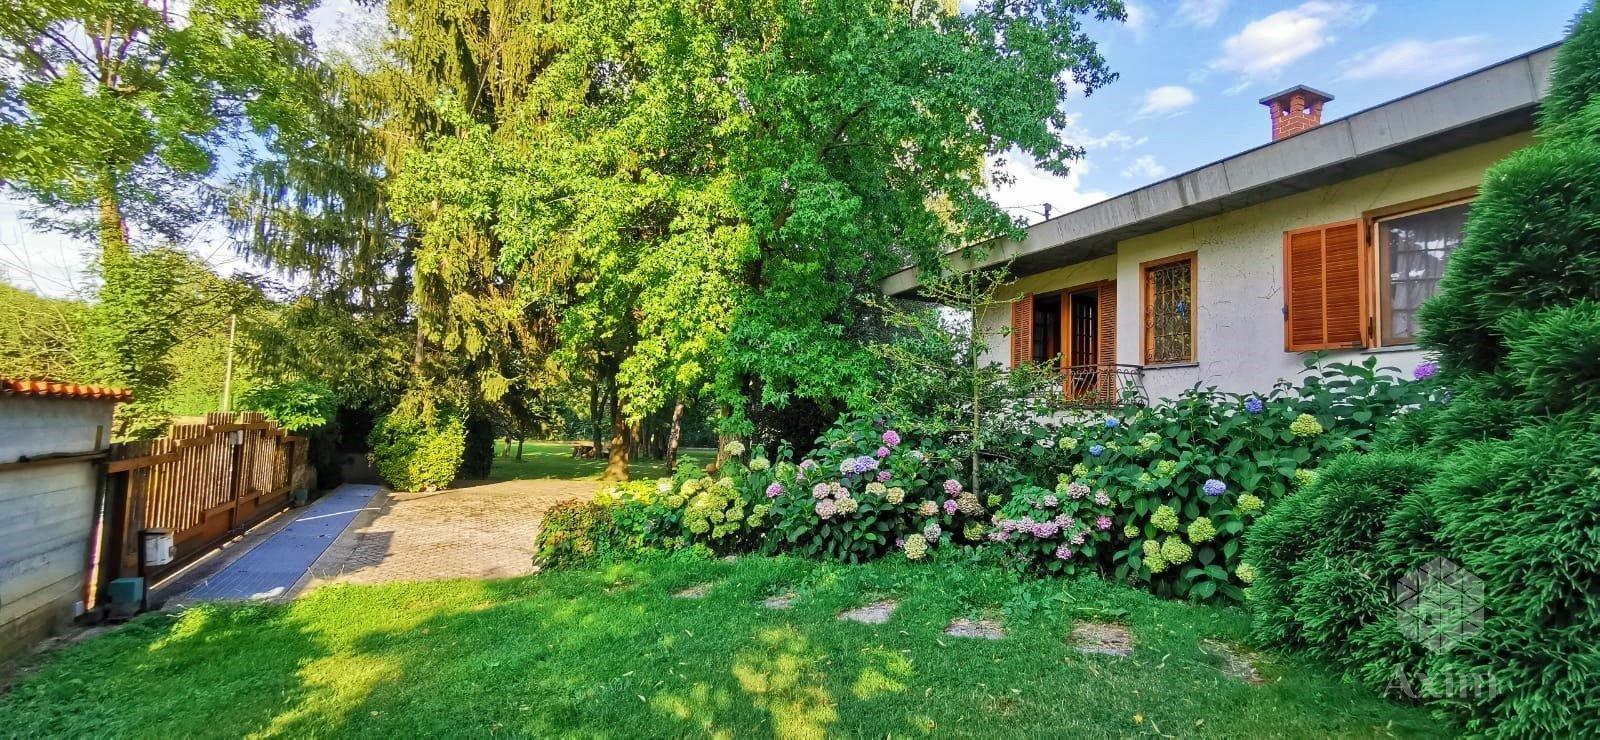 Villa au calme à quelques km du centre de Caraglio